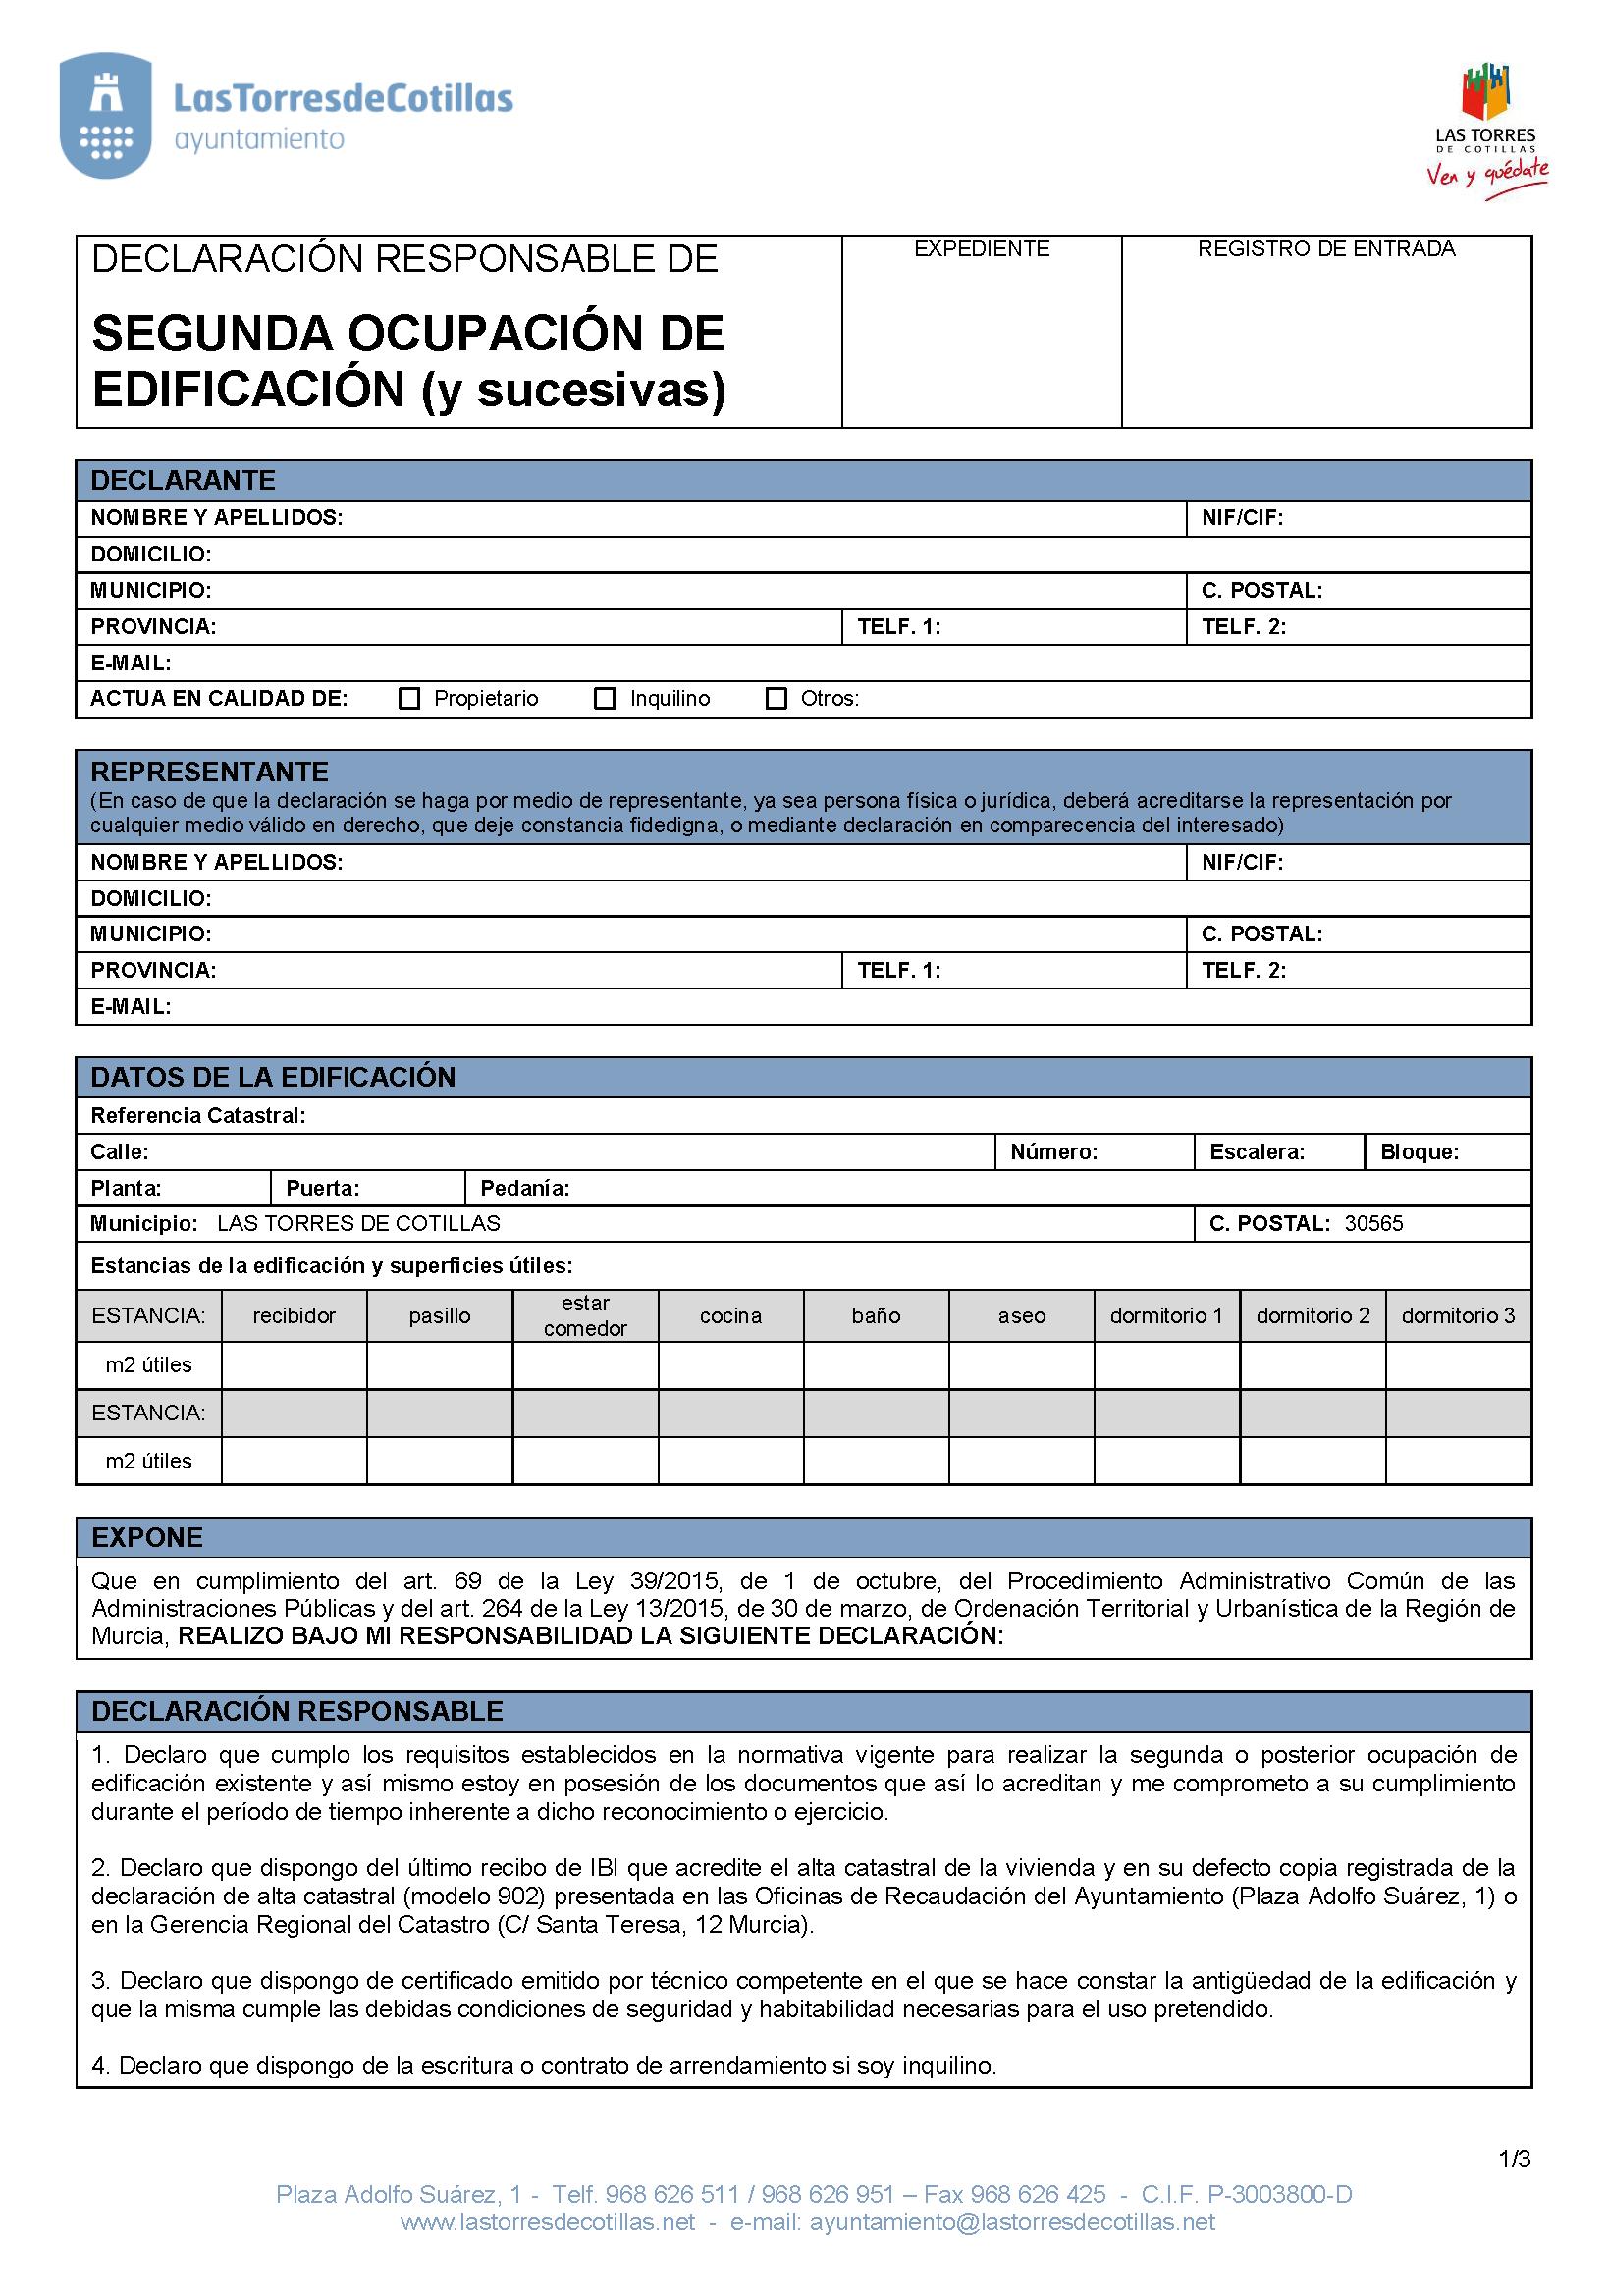 Impreso Declaración Responsable Segunda Ocupacion Las Torres de Cotillas_Página_1